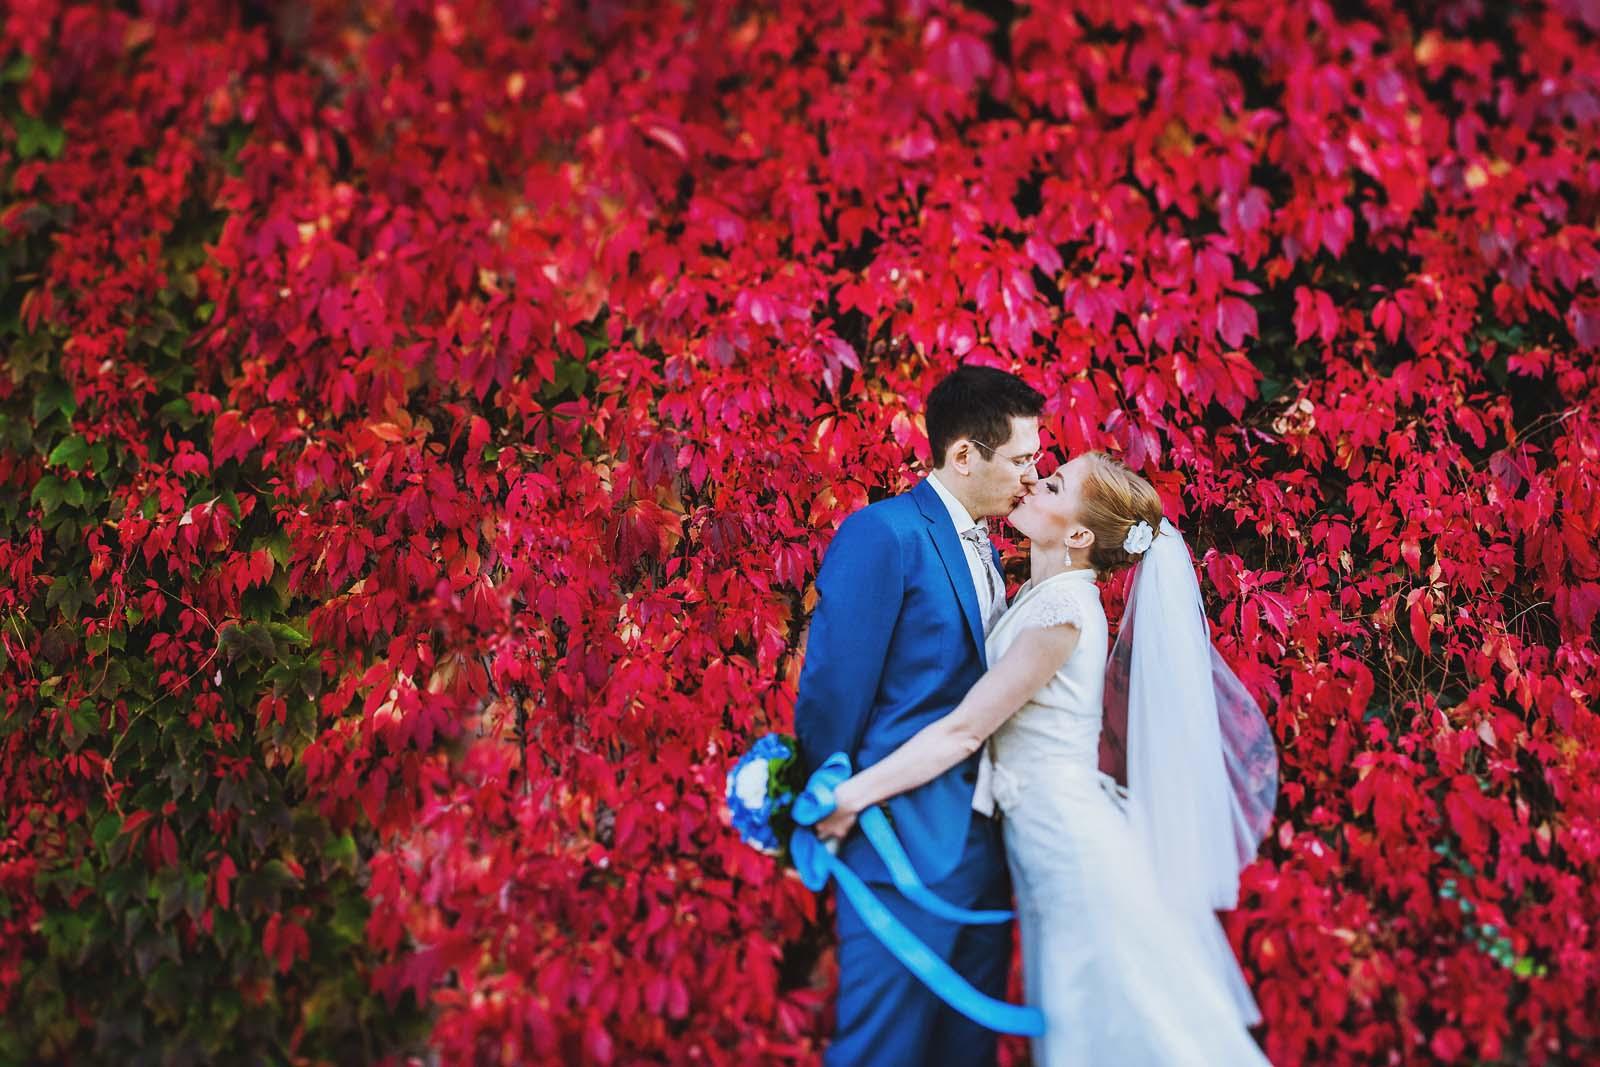 Hochzeitsfotograf mit Brautpaar in Berlin Copyright by Hochzeitsfotograf www.berliner-hochzeitsfotografie.de